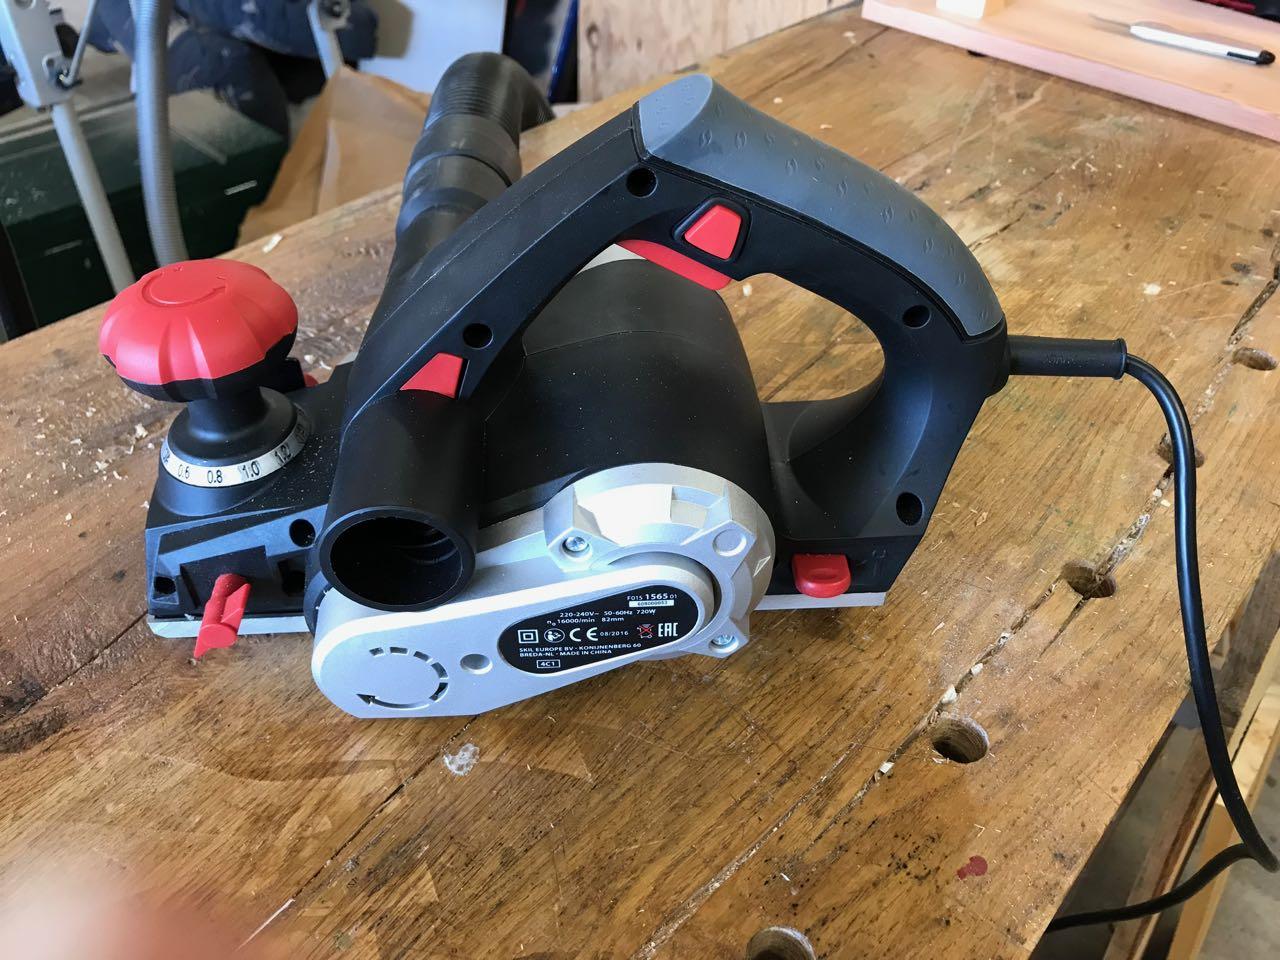 Bevorzugt Elektrisch Hobeln - eine kleine Einführung - Holz und Leim IR55